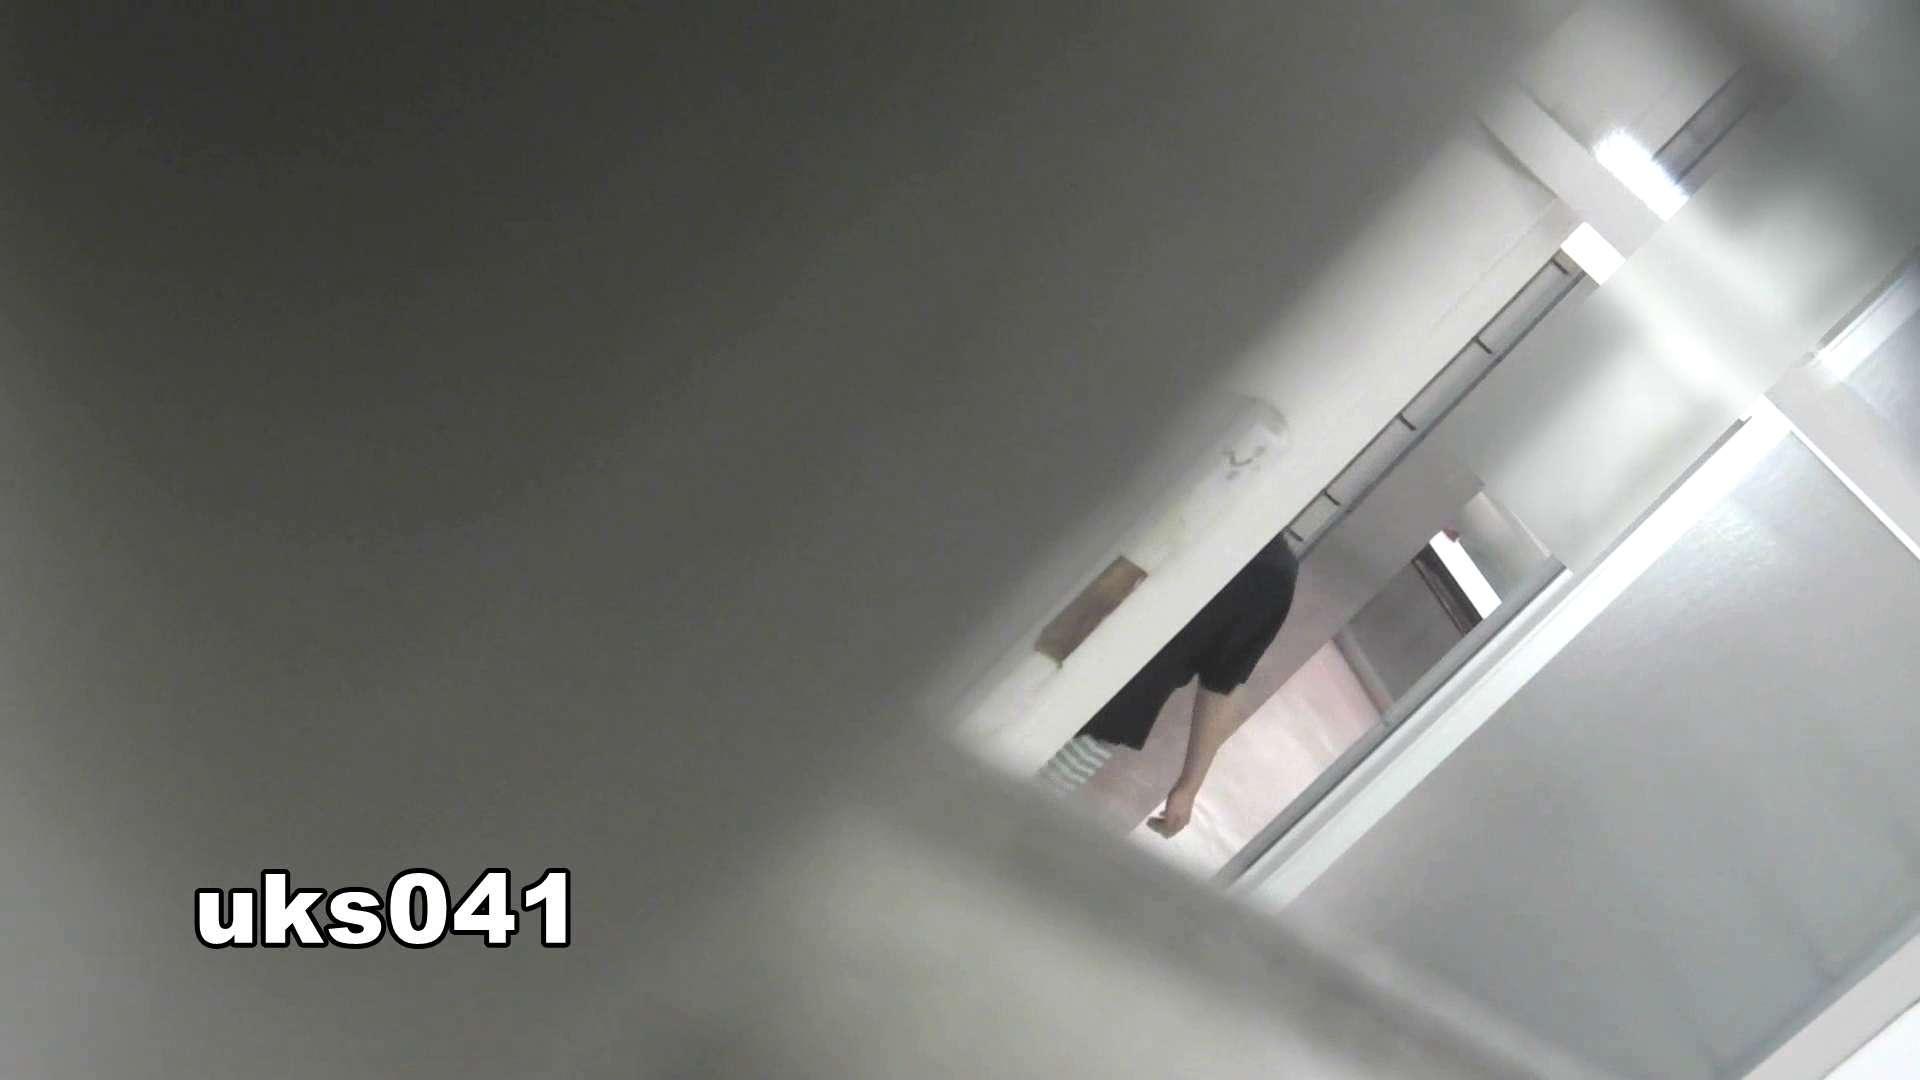 【美しき個室な世界】 vol.041 高評価 エロ画像 106画像 47